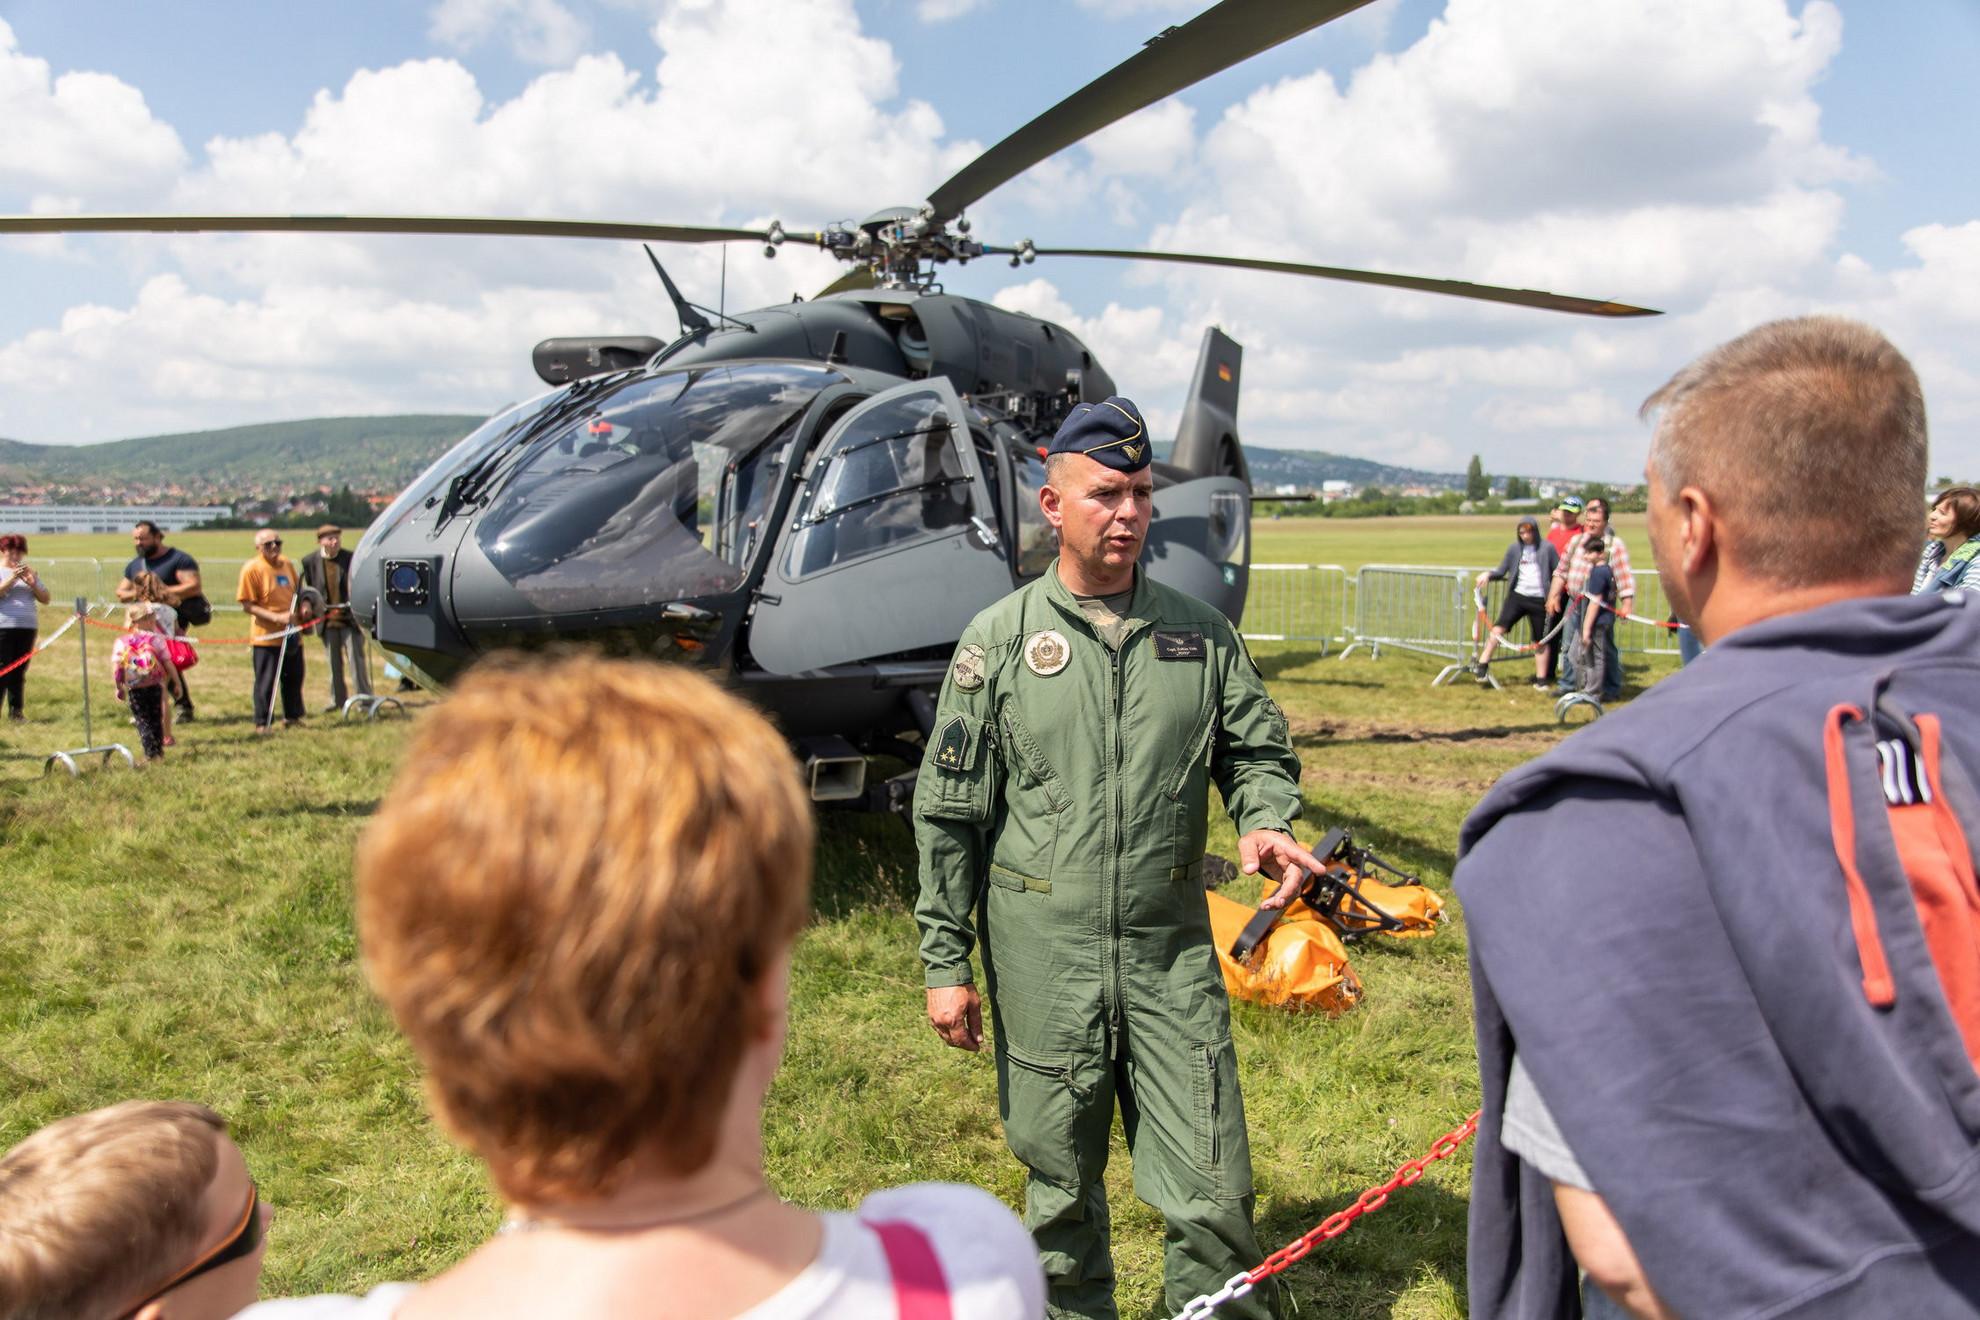 Az Airbus Helicopters H145M sebessége akár 270 km/órát is elérheti